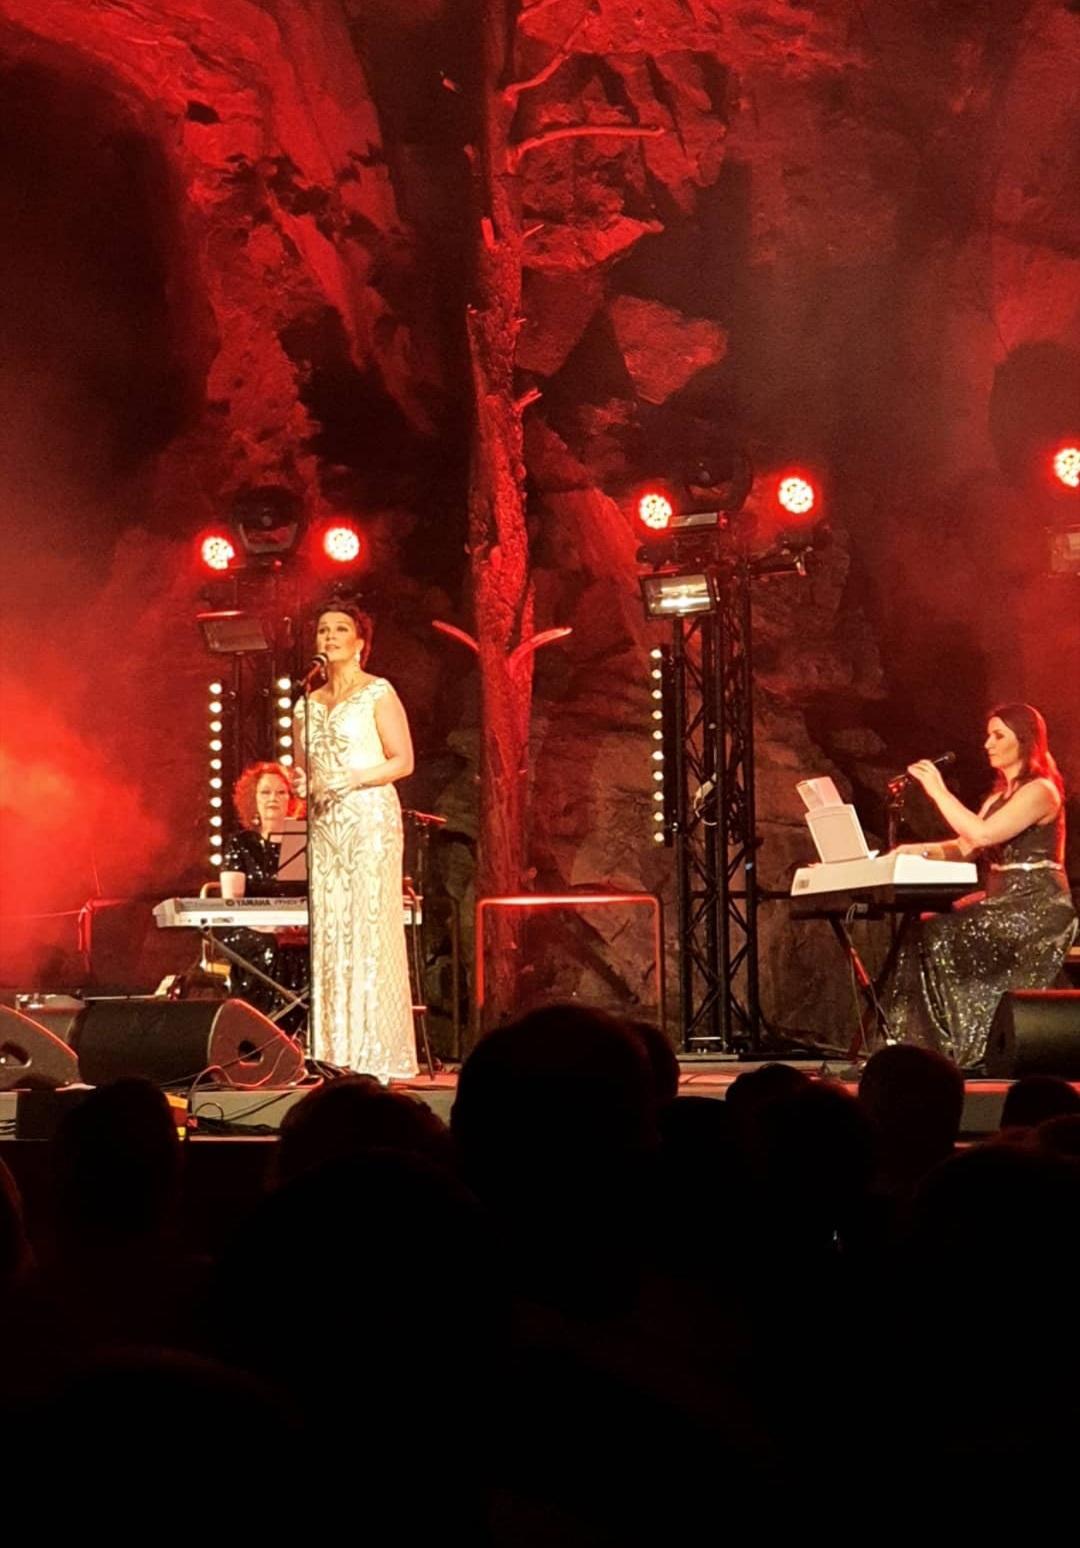 Arja Korisevan joulukonsertti 12.12.